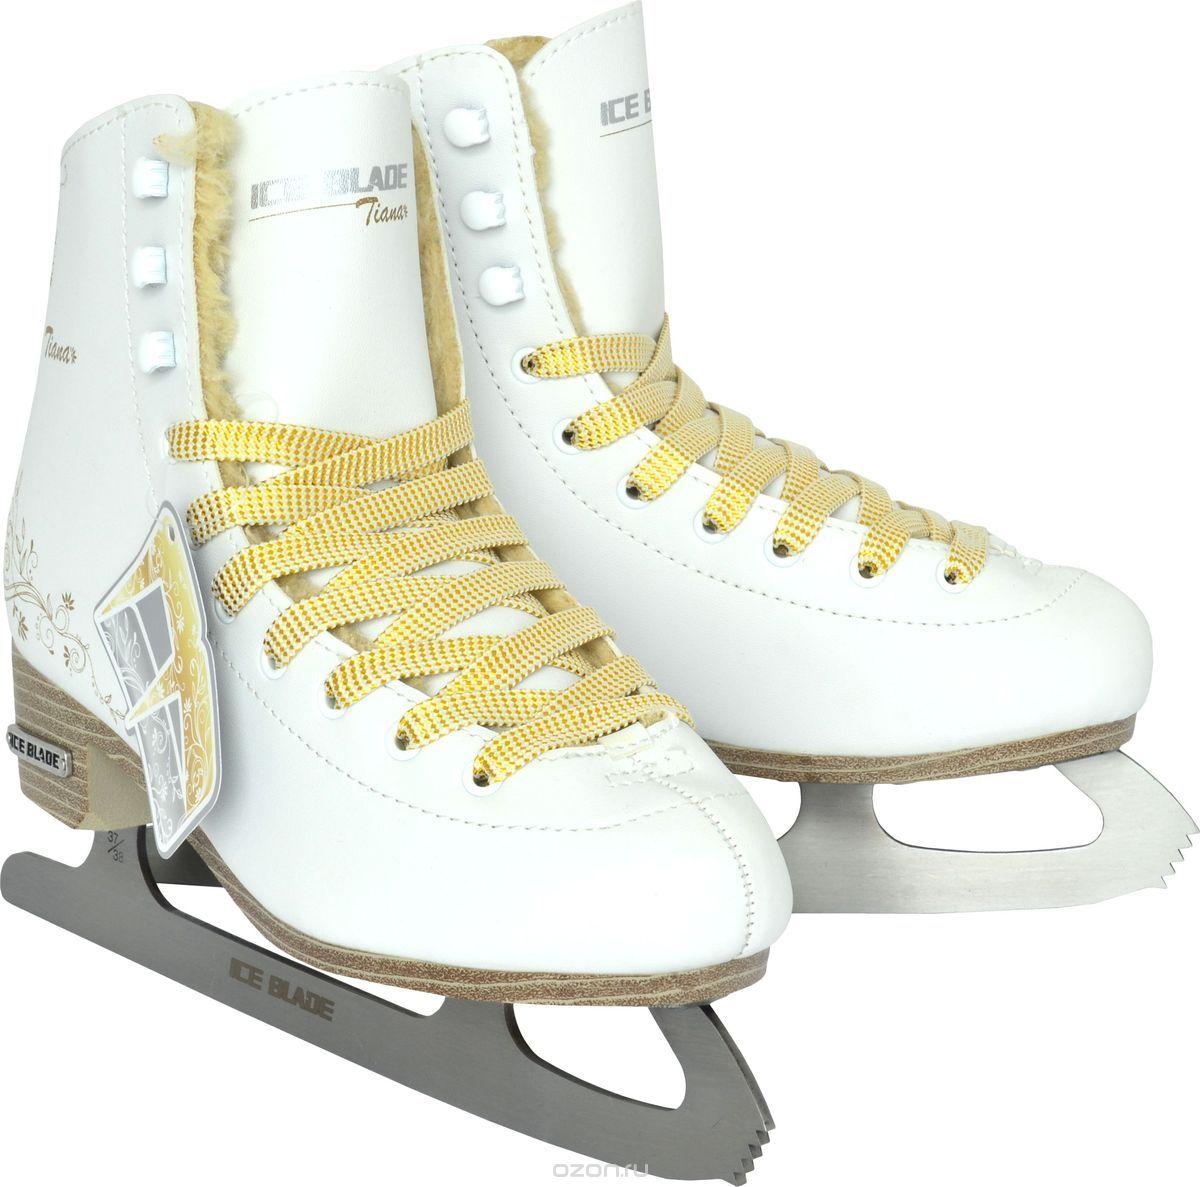 """Коньки фигурные женские Ice Blade """"Tiana"""", цвет: белый. Размер 42"""